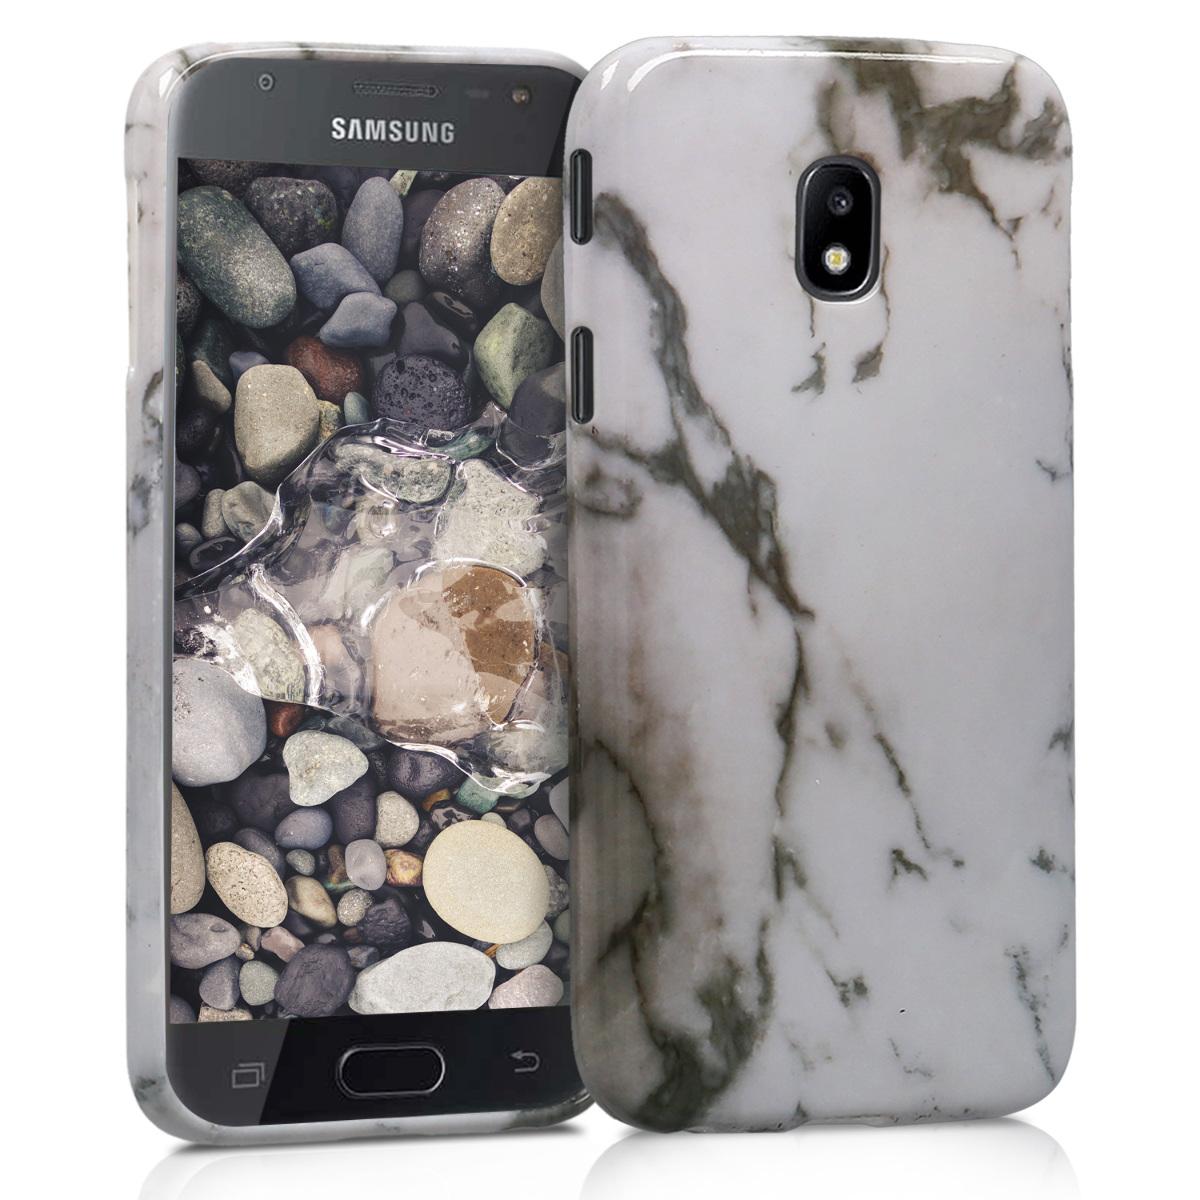 Kvalitní silikonové TPU pouzdro pro Samsung J5 (2017) DUOS - Marble bílé / černé